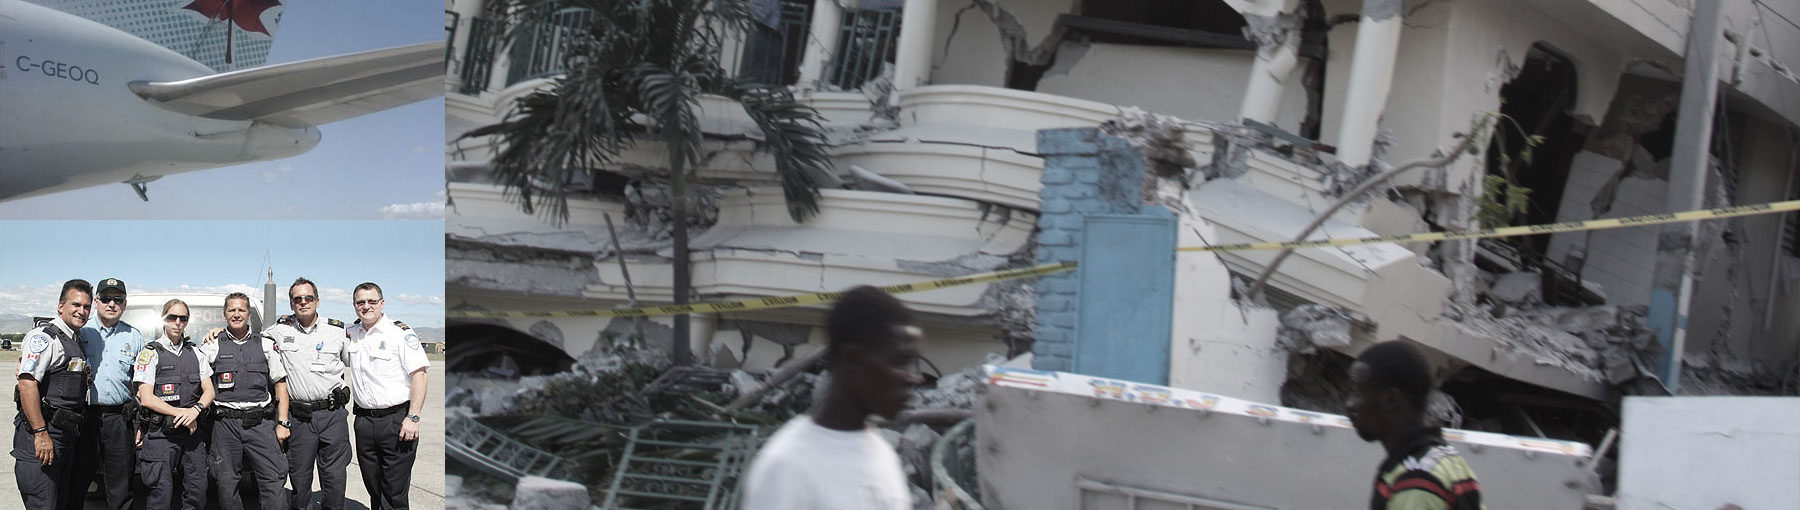 haiti-cops-1800x510.jpg